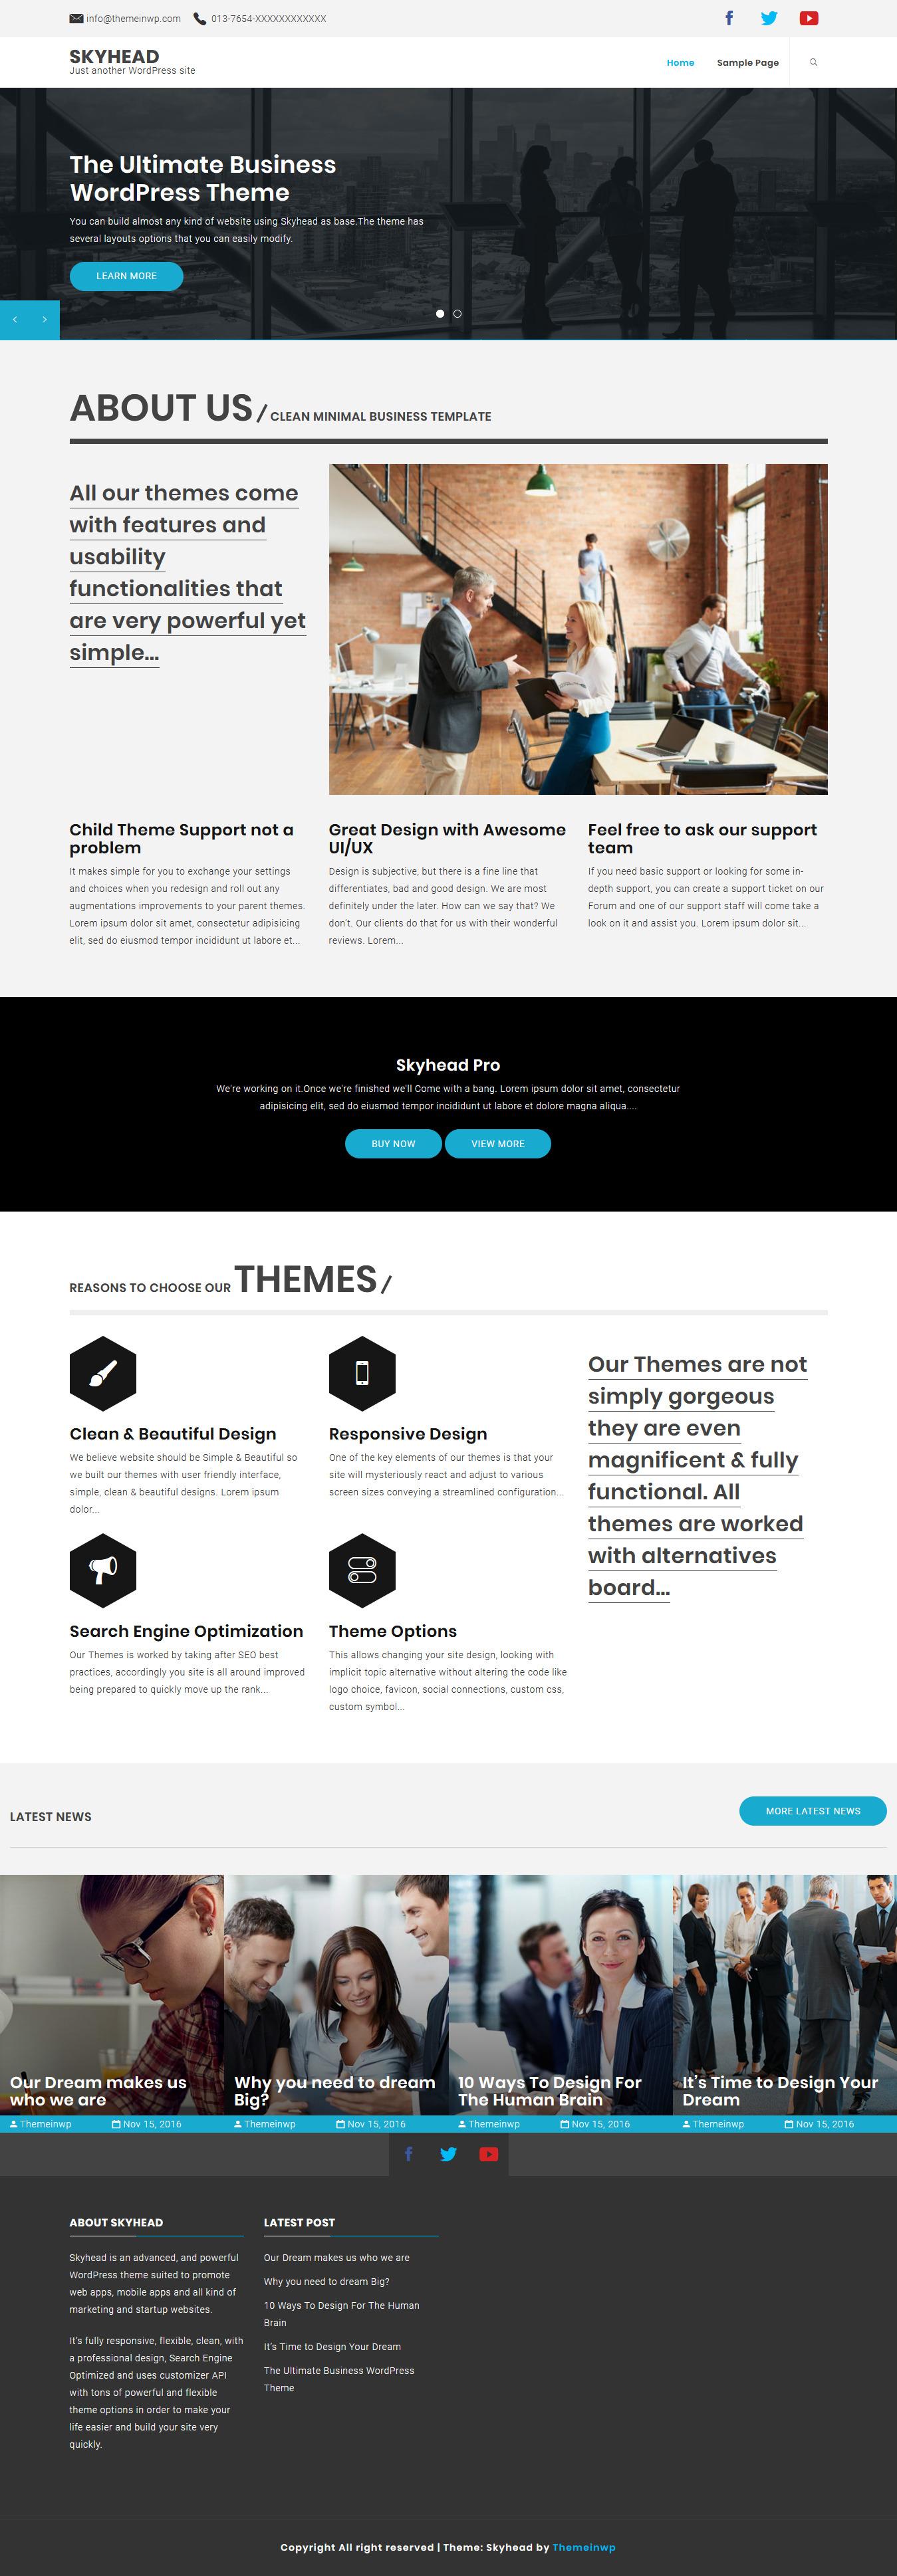 Skyhead: el mejor tema de WordPress para aplicaciones móviles gratuitas